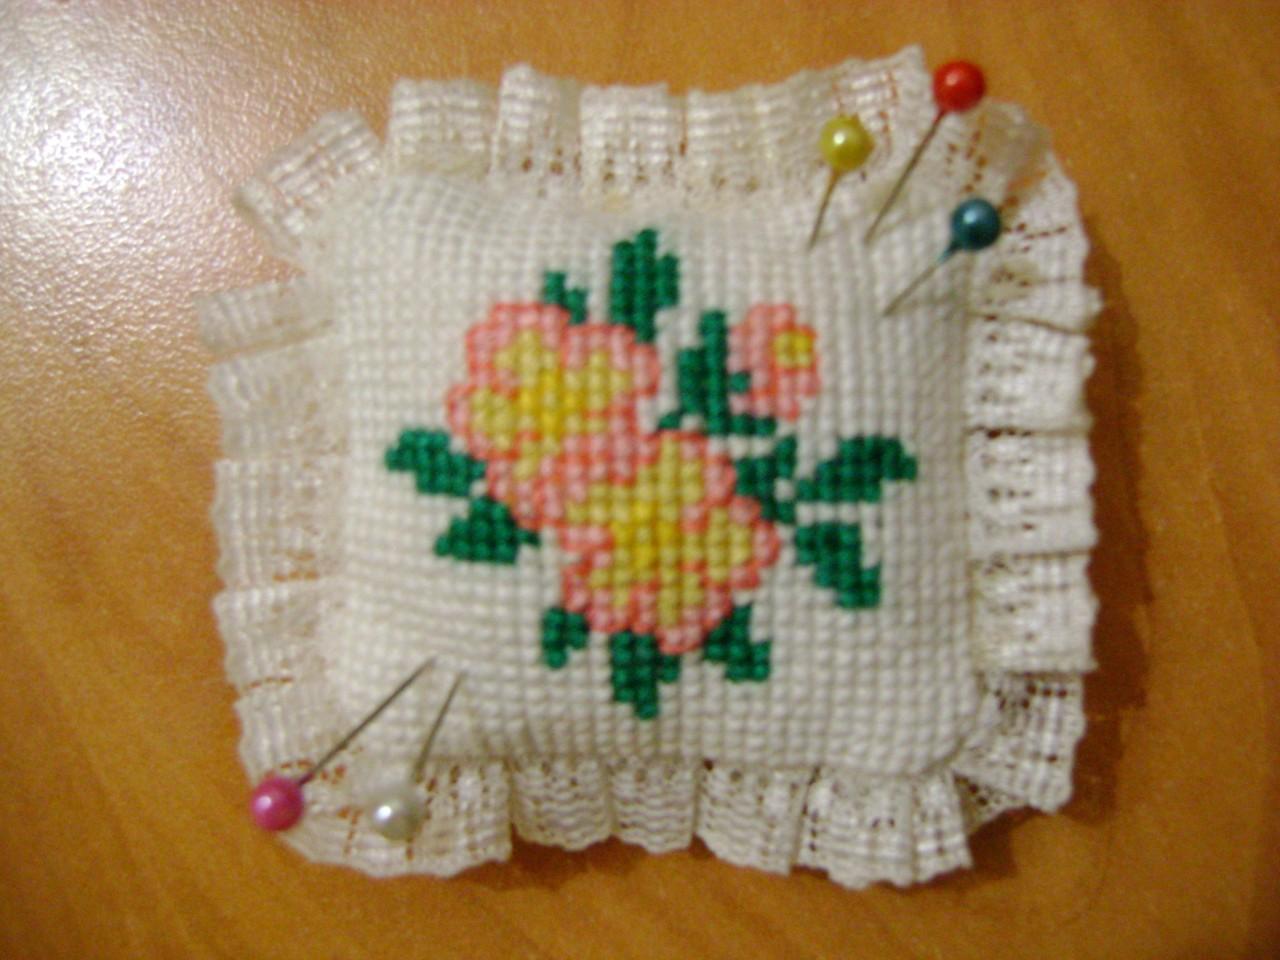 вышивка подушечек для иголок Вам телефоны сайты